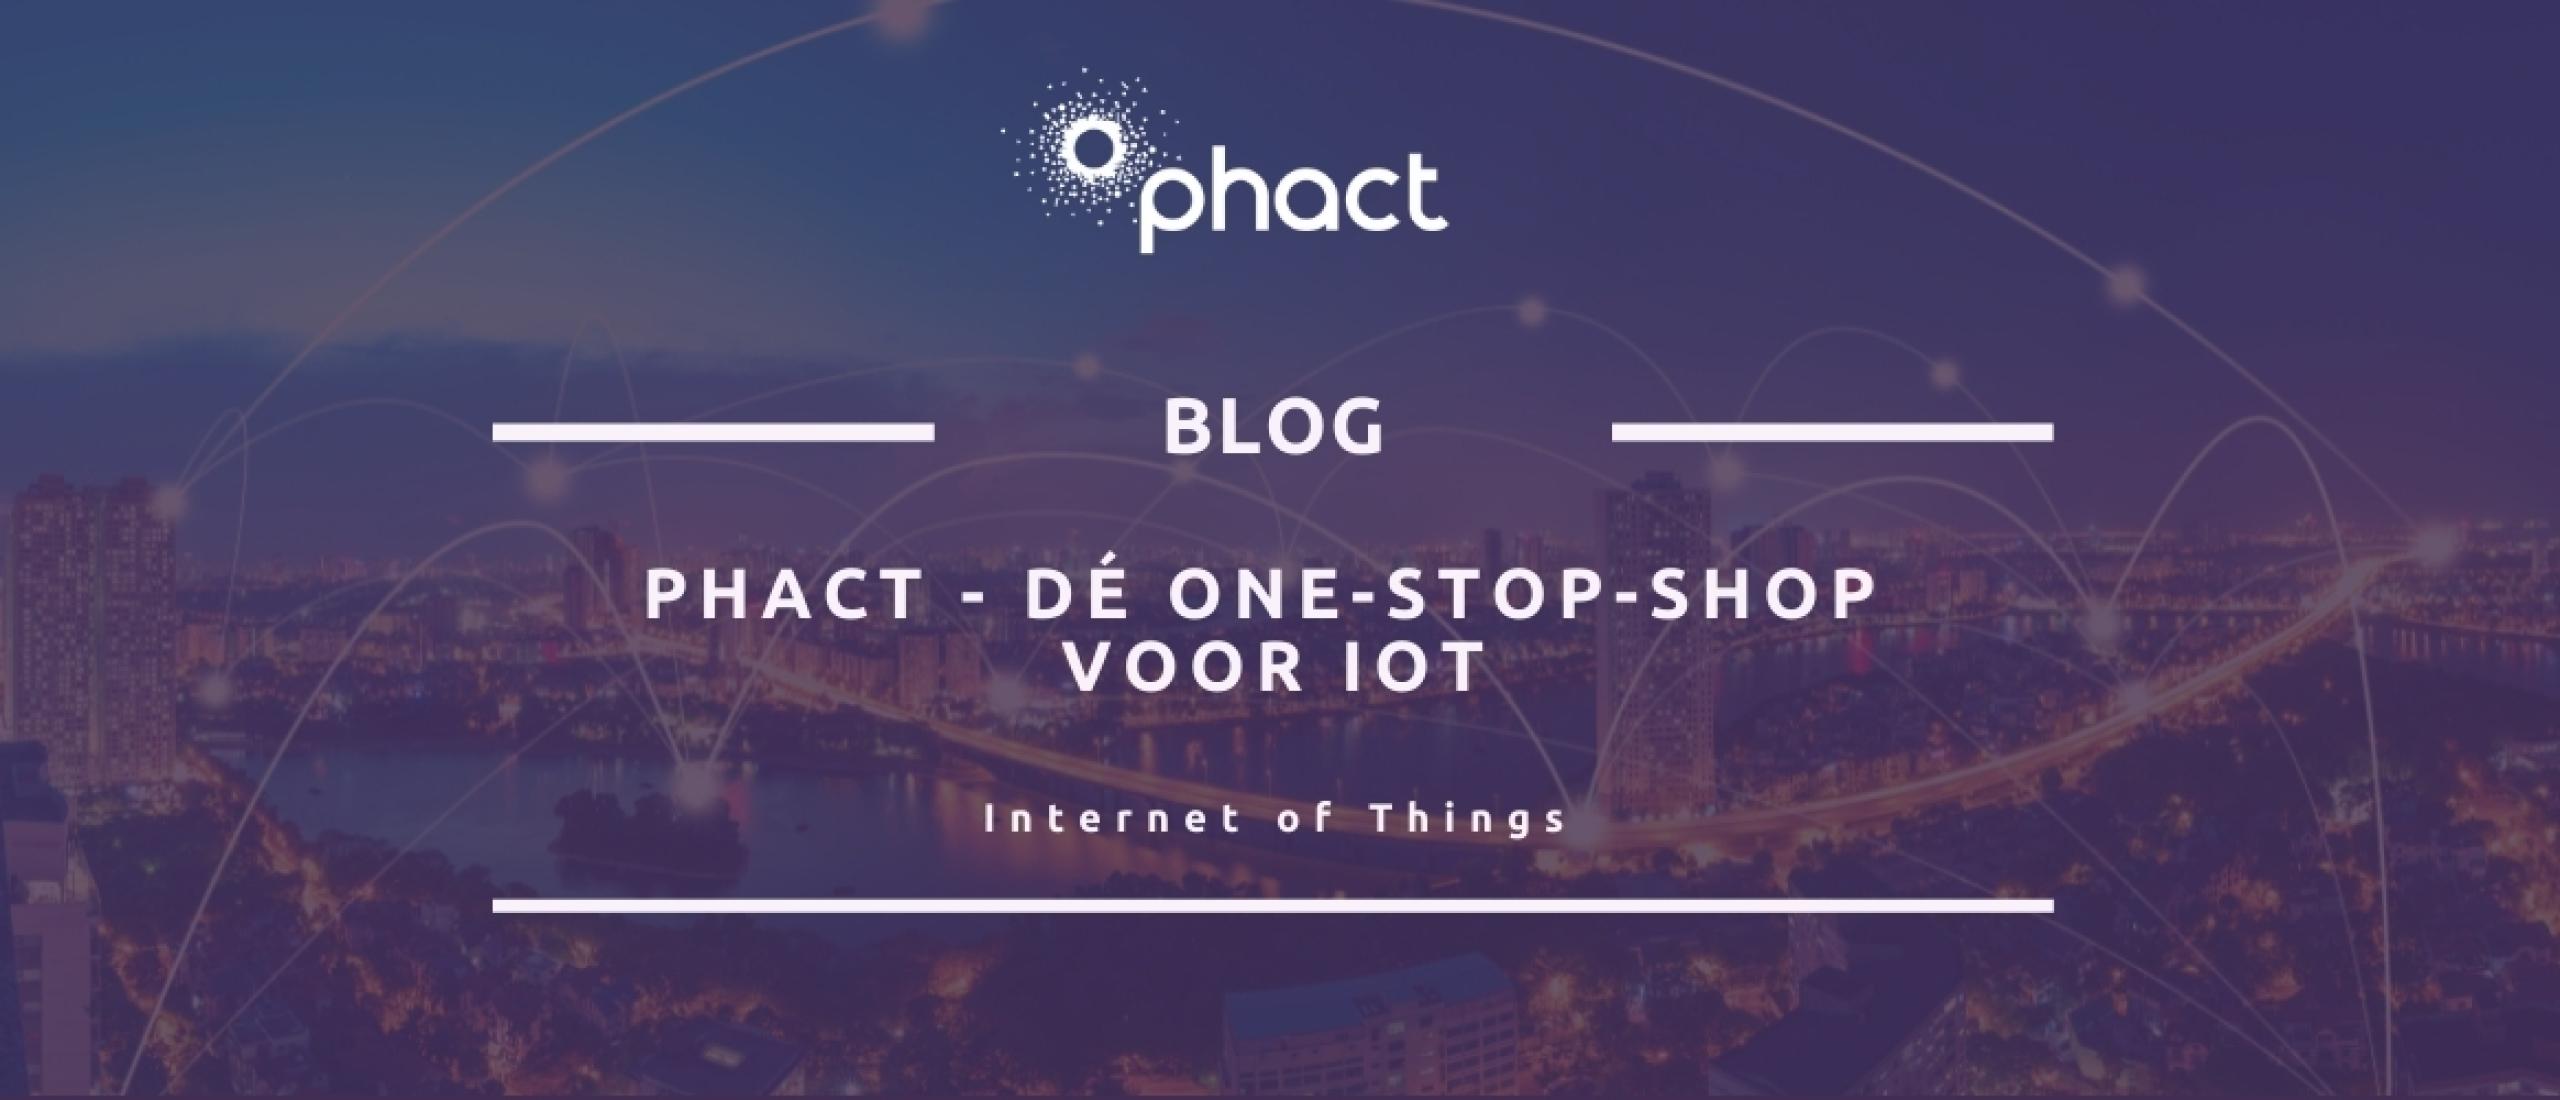 Phact: de one stop shop voor IoT